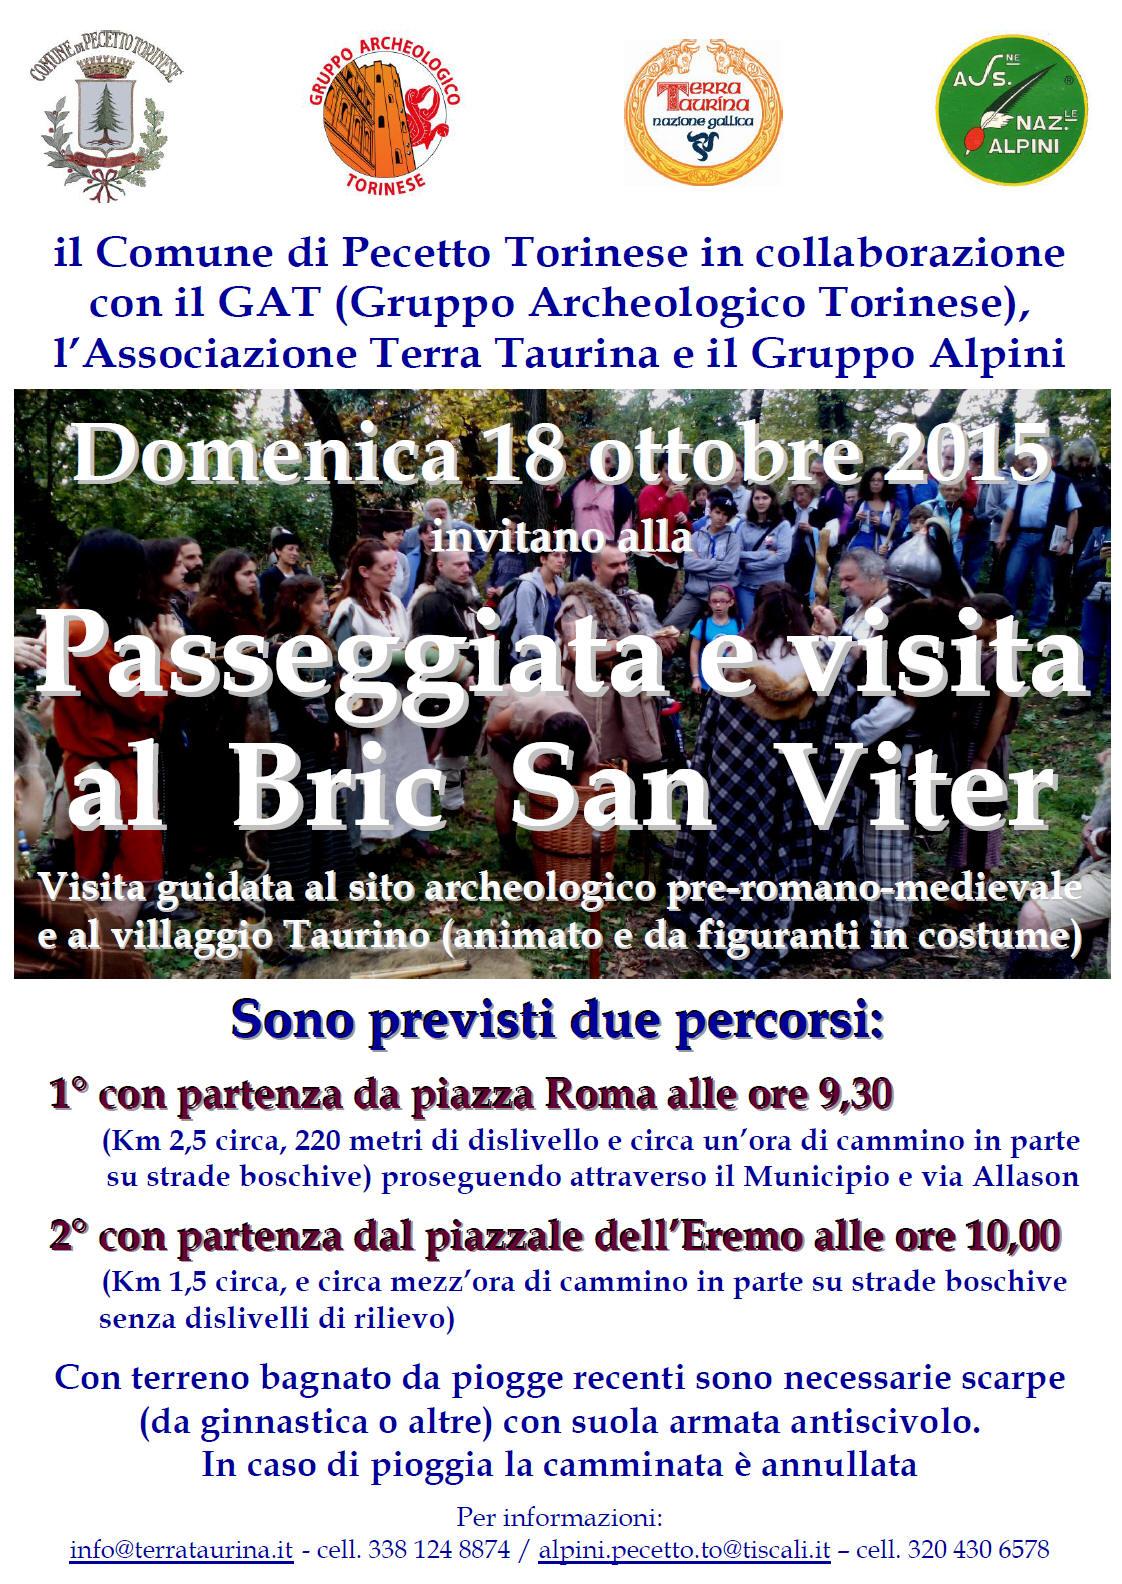 Comune Di Pecetto Torinese pecetto torinese (to): alla scoperta del sito pre-romano del